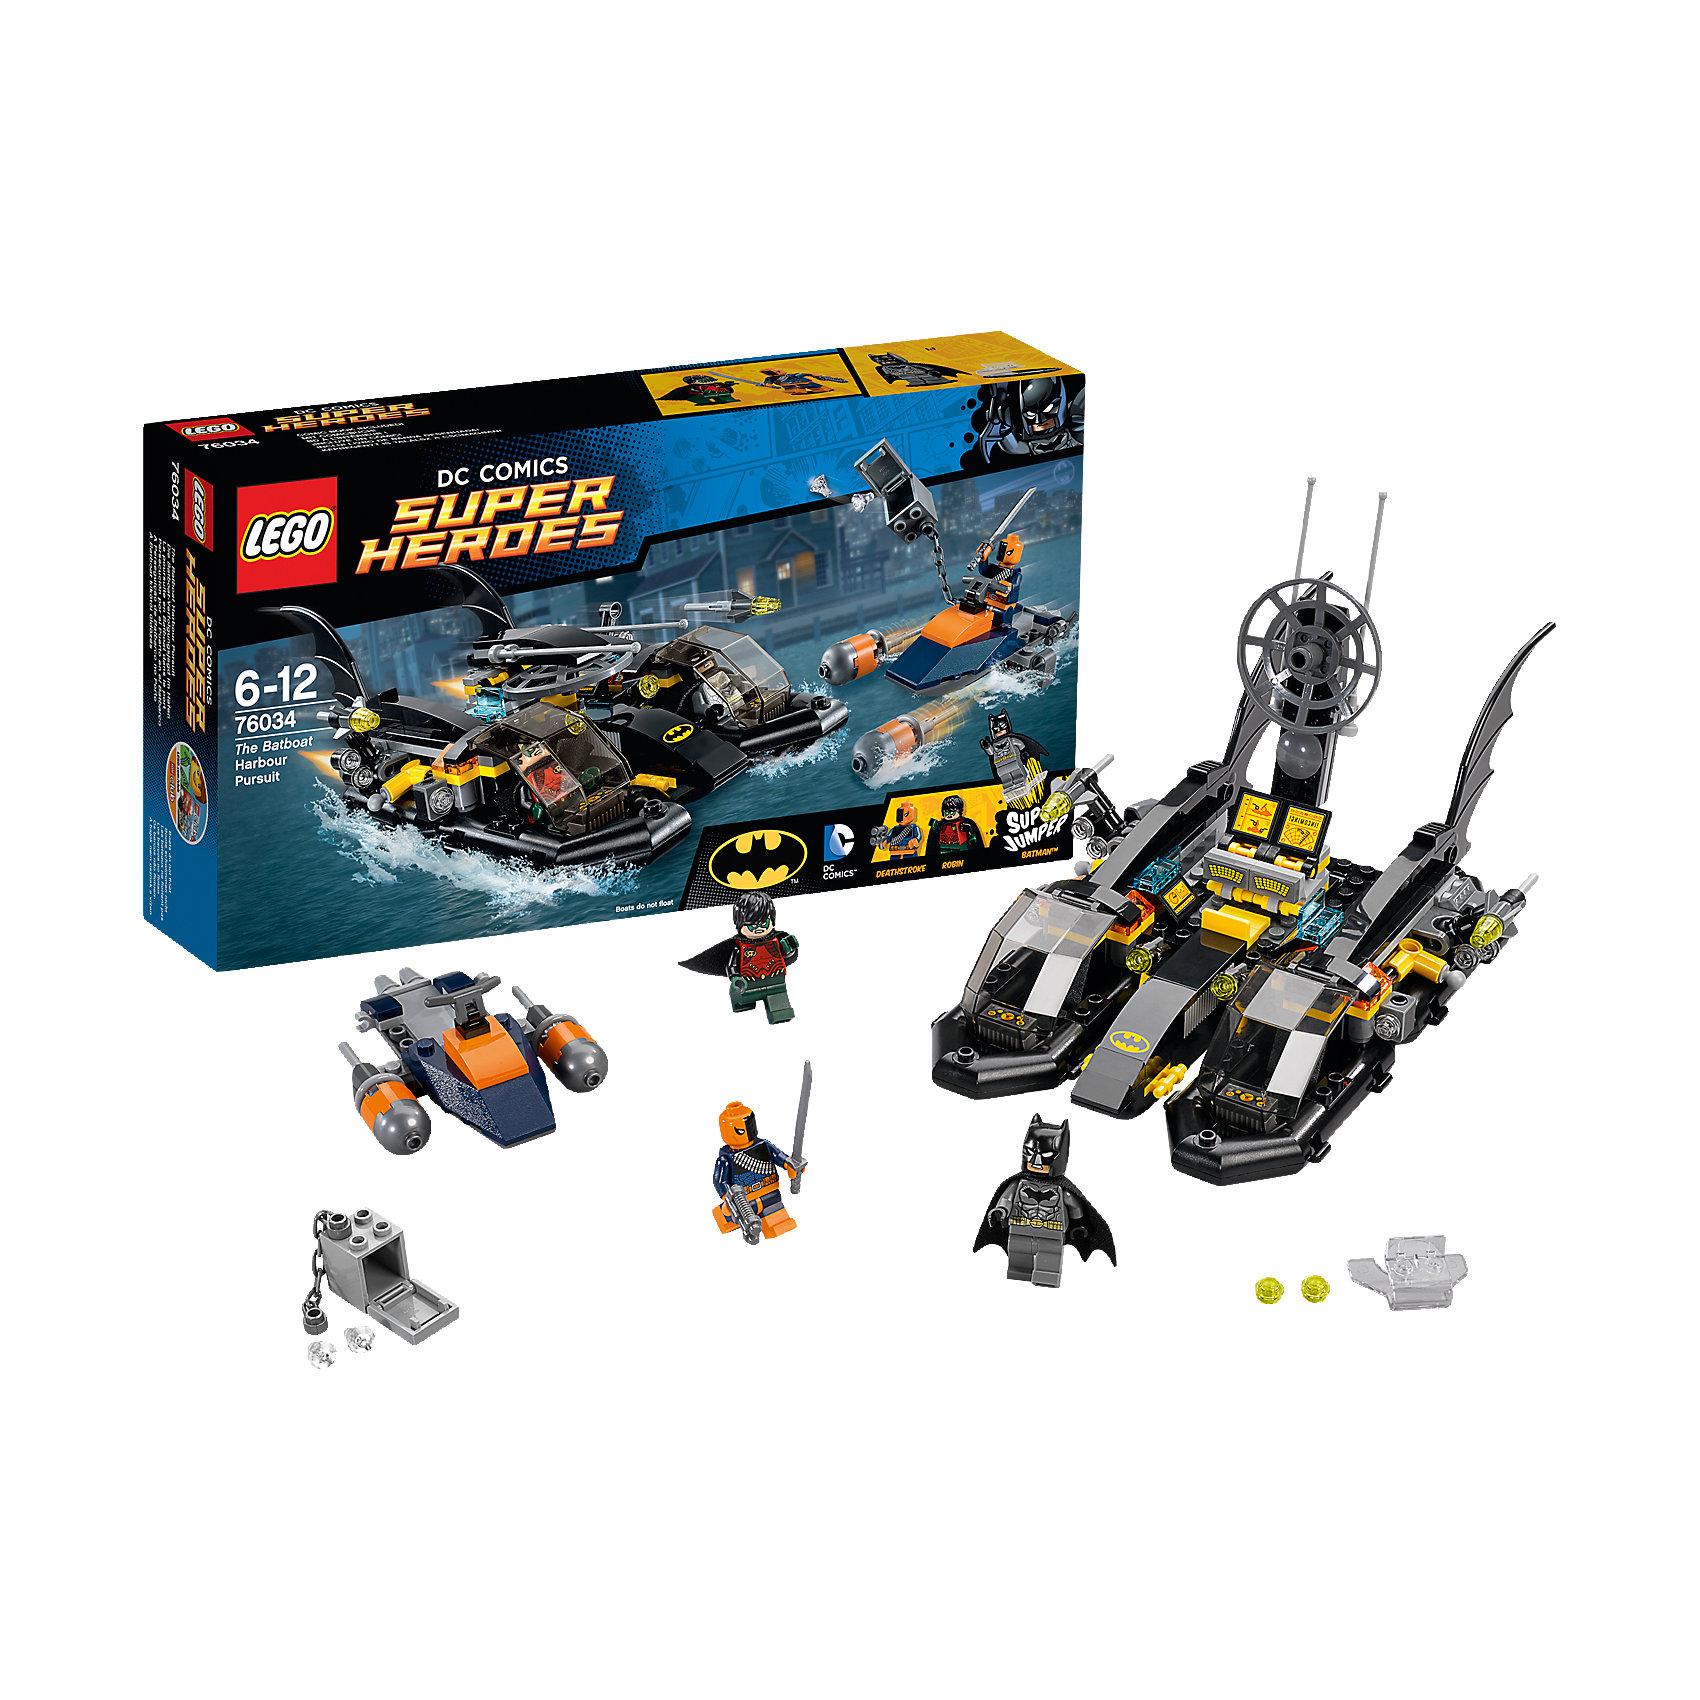 LEGO LEGO Super Heroes 76034: Погоня в бухте на Бэткатере lego super heroes 76058 лего супер герои человек паук союз с призрачным гонщиком